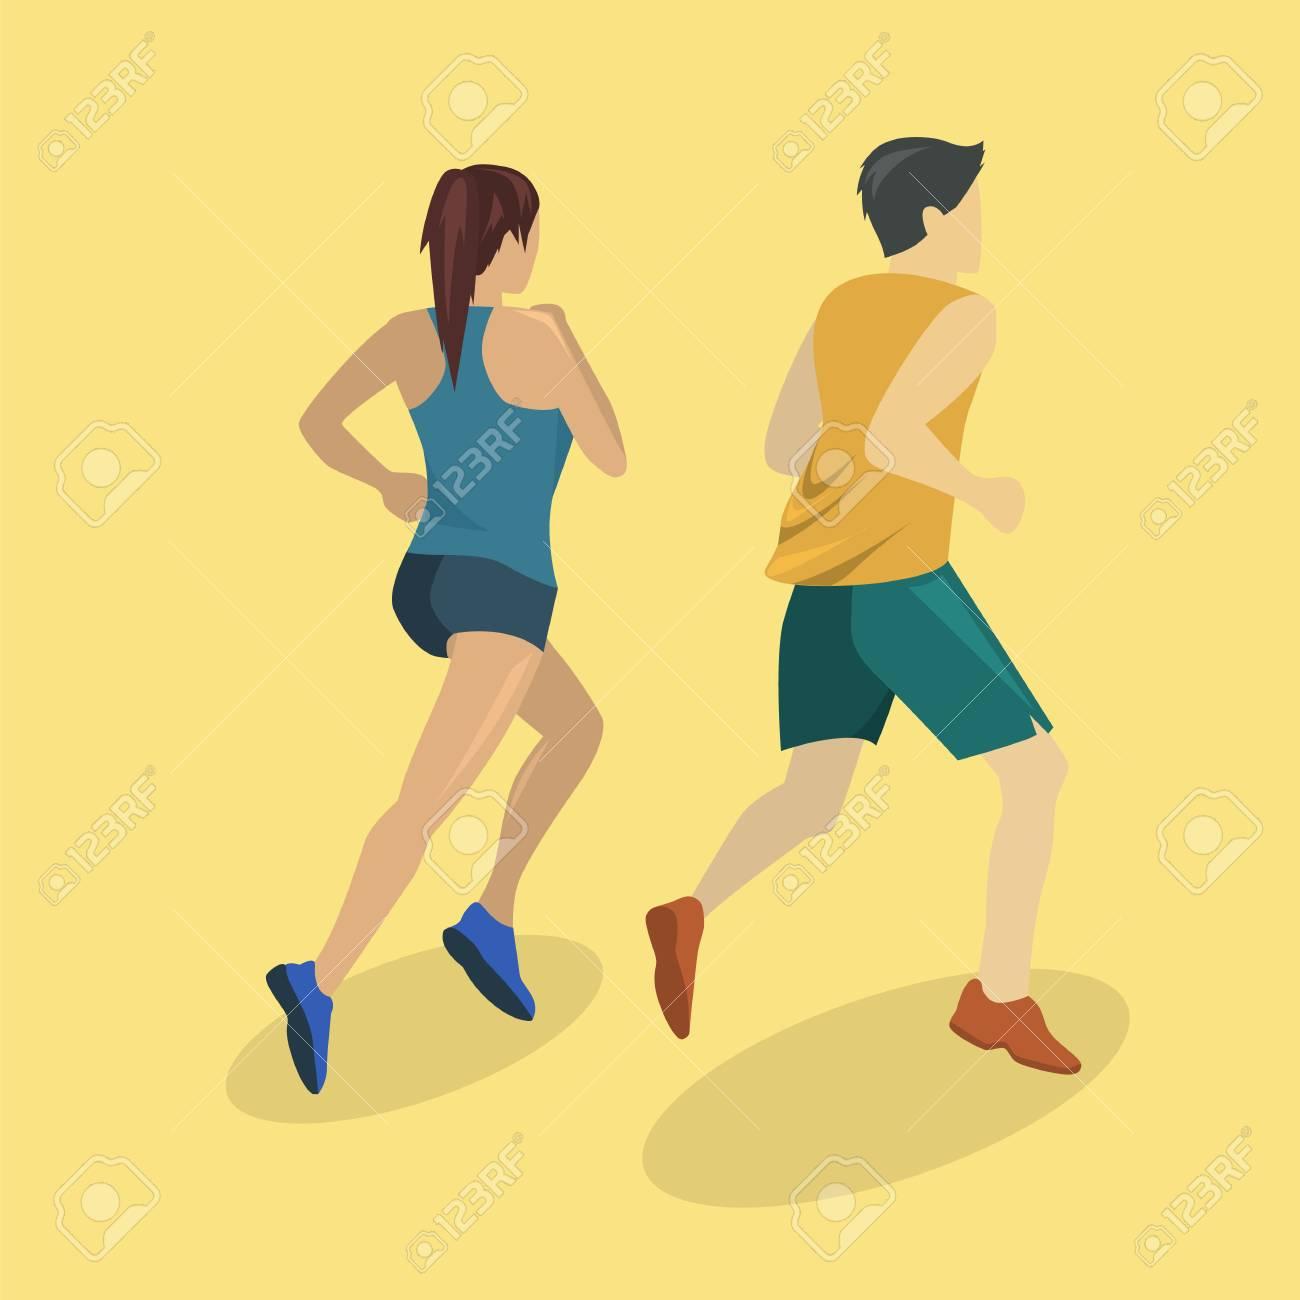 103b8851282b Isométrico plana 3D concepto aislados personas corriendo en la carretera.  Una niña y un hombre corren trotando.